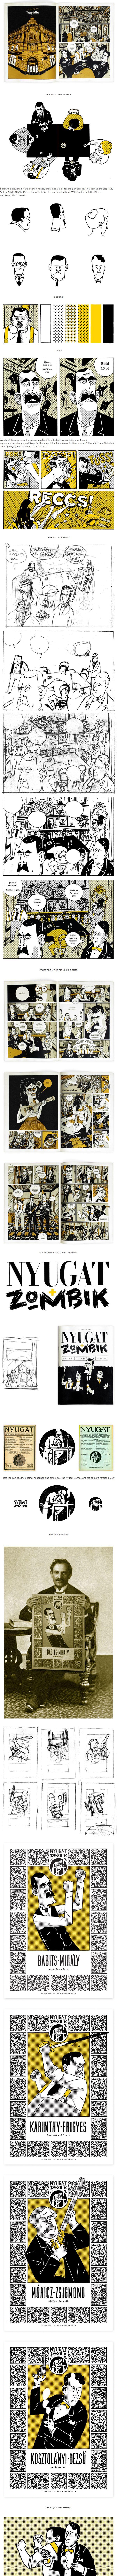 Nyugat + Zombik comics | Degree project